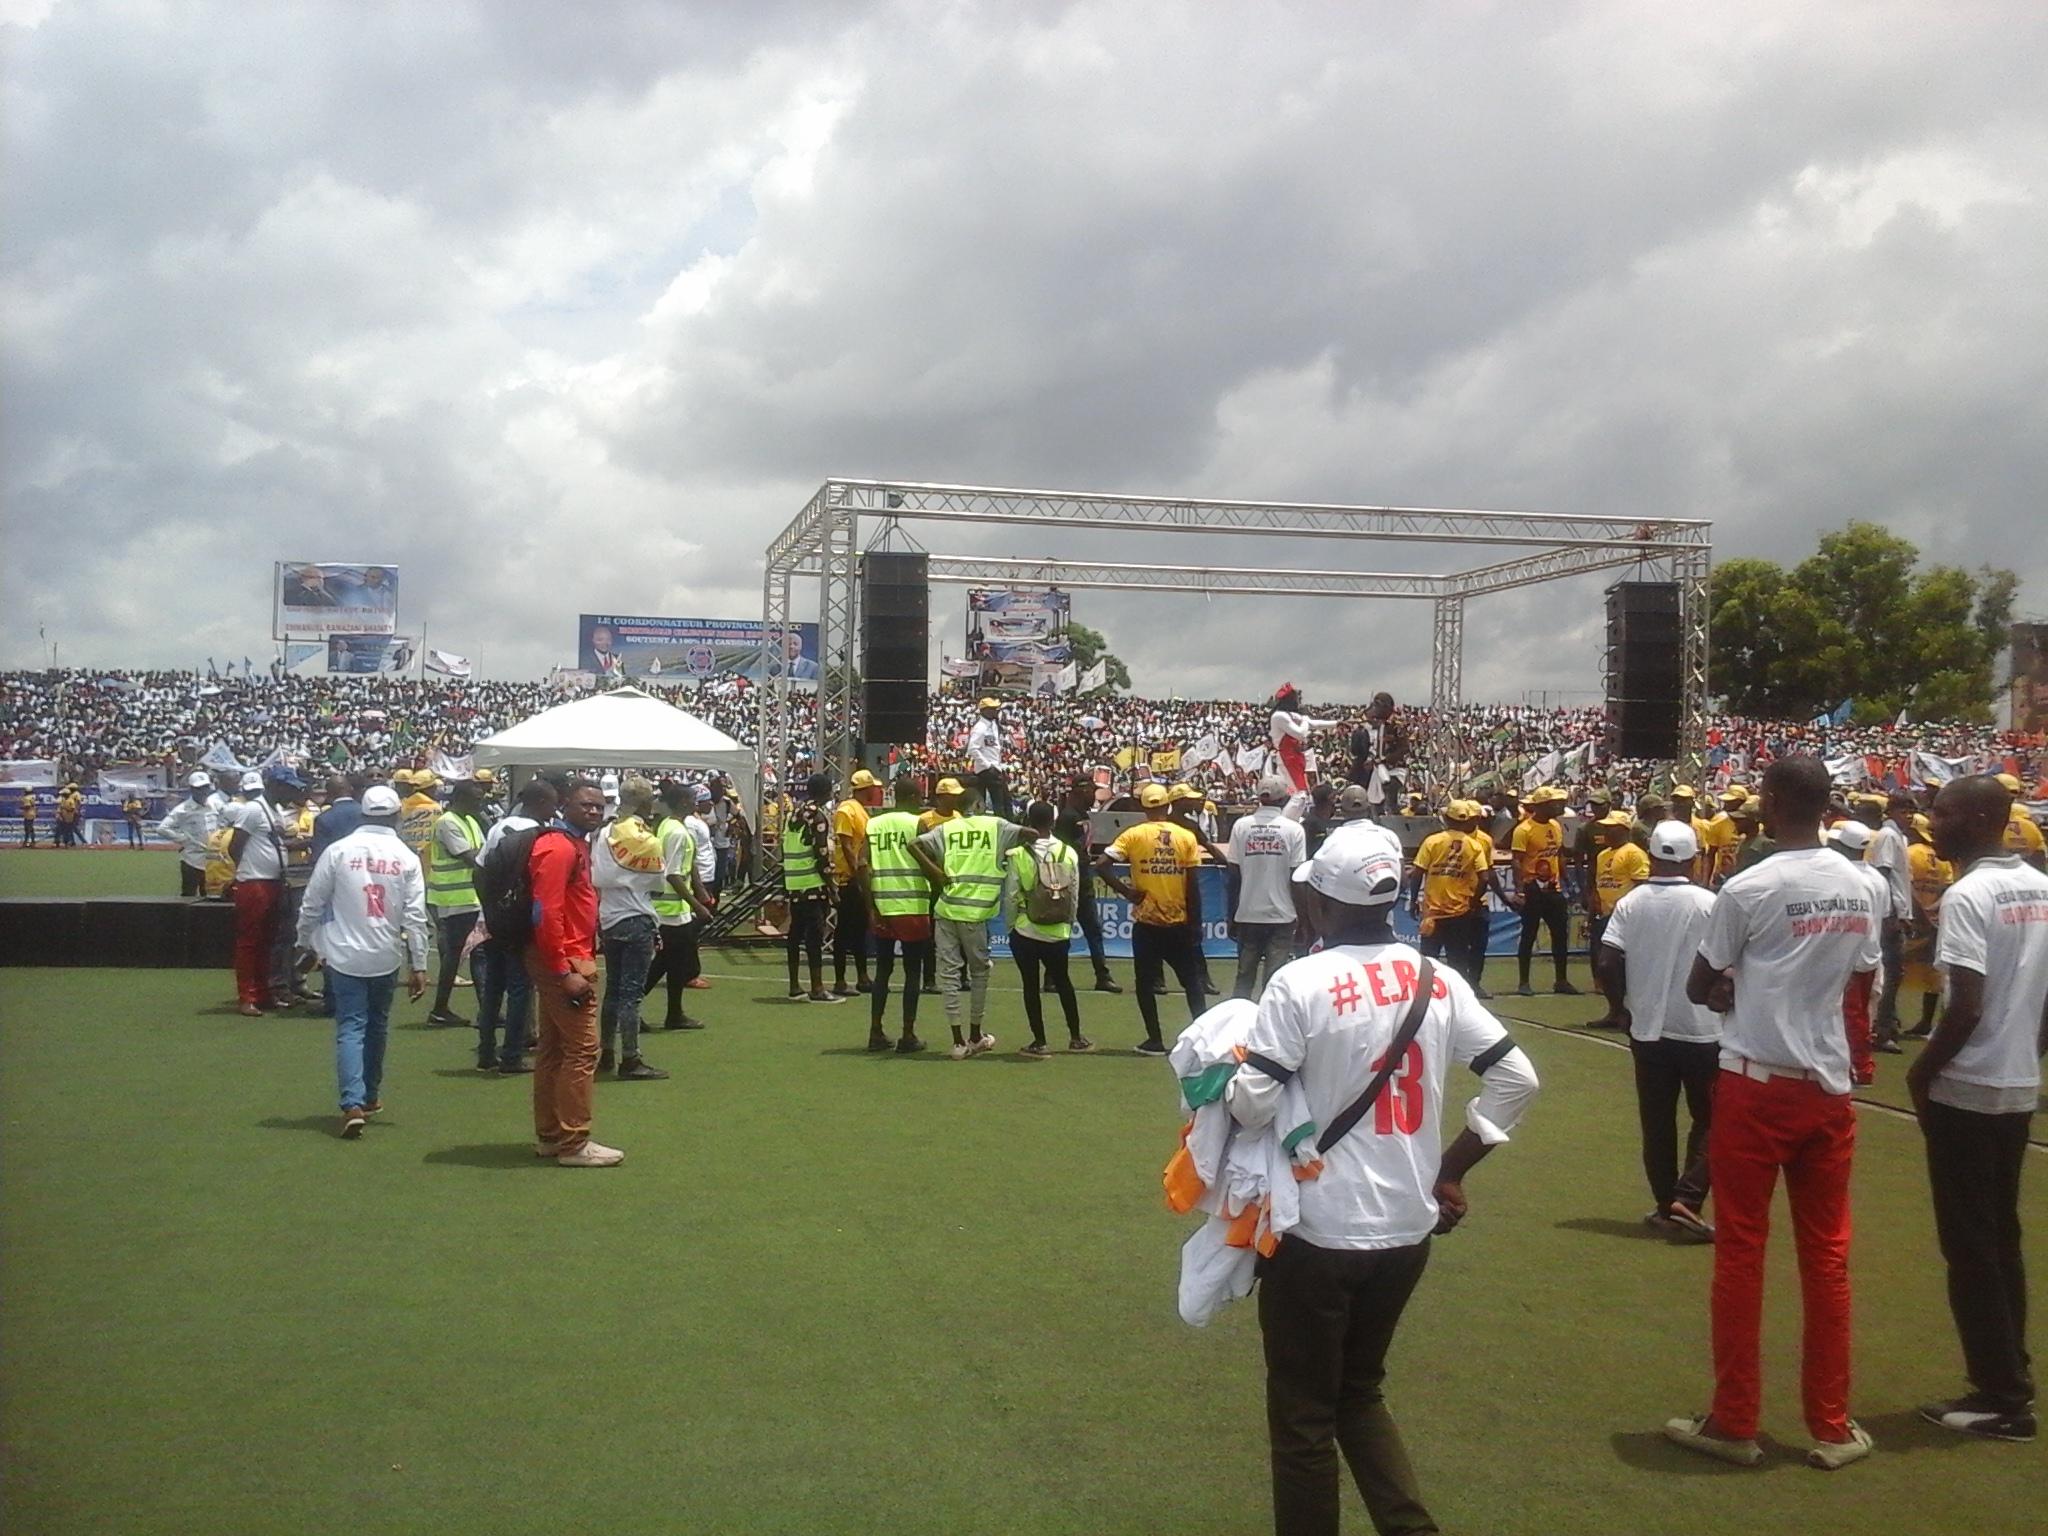 Lubumbashi: ambiance au stade de la Kenya avant l'arrivée du candidat FCC